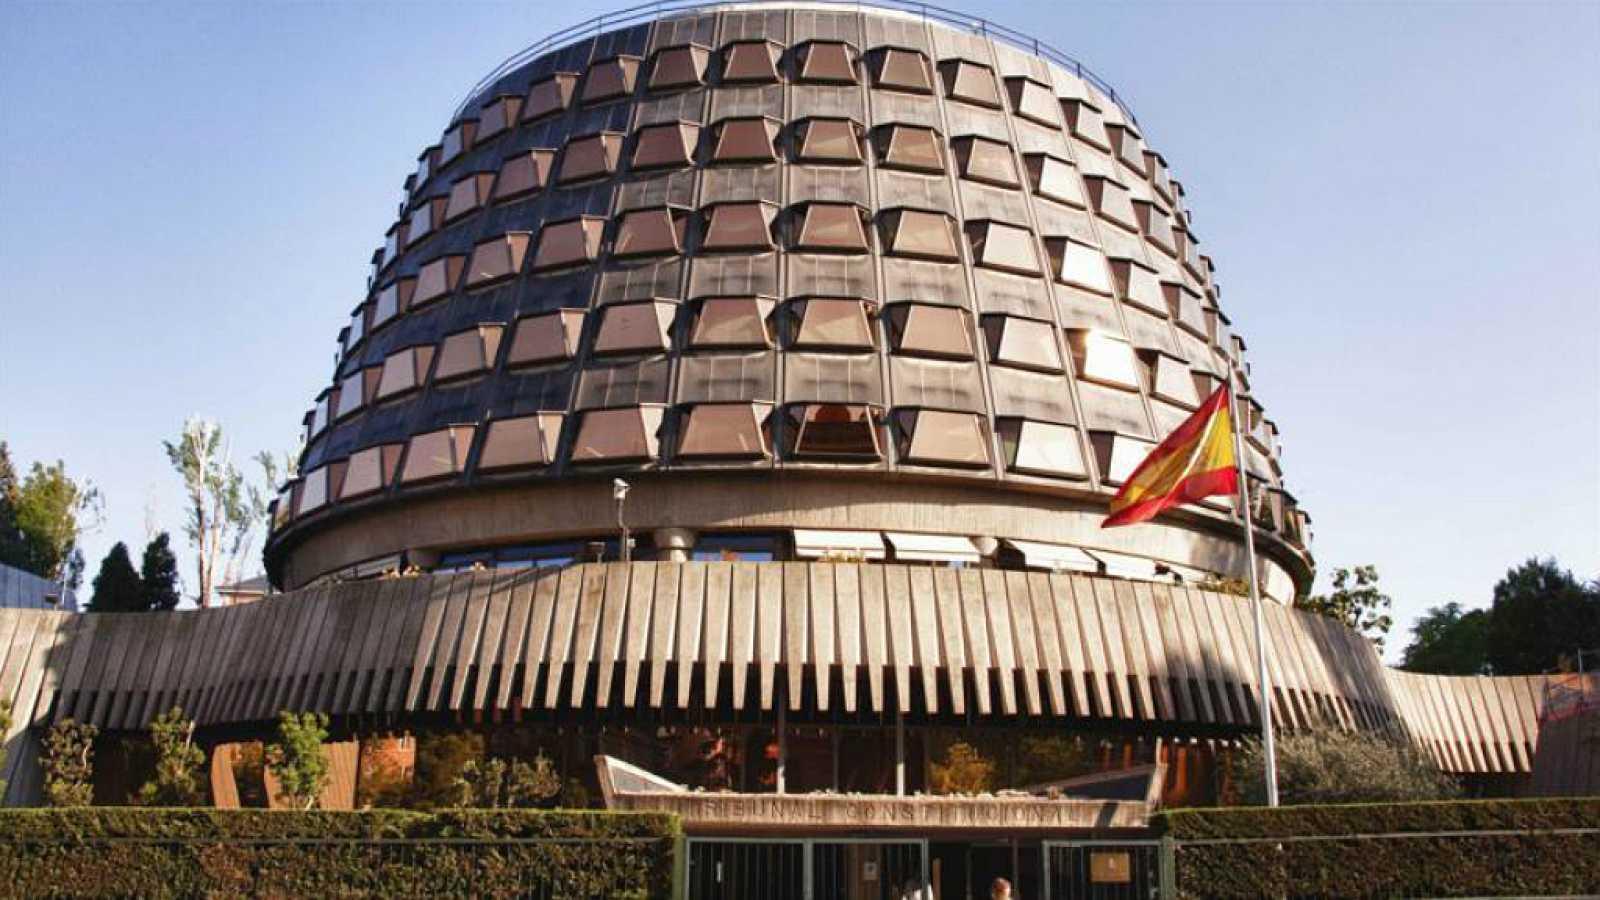 La ley es la ley - ¿Cómo se compone el Tribunal Constitucional? - 05/09/18 - Escuchar ahora